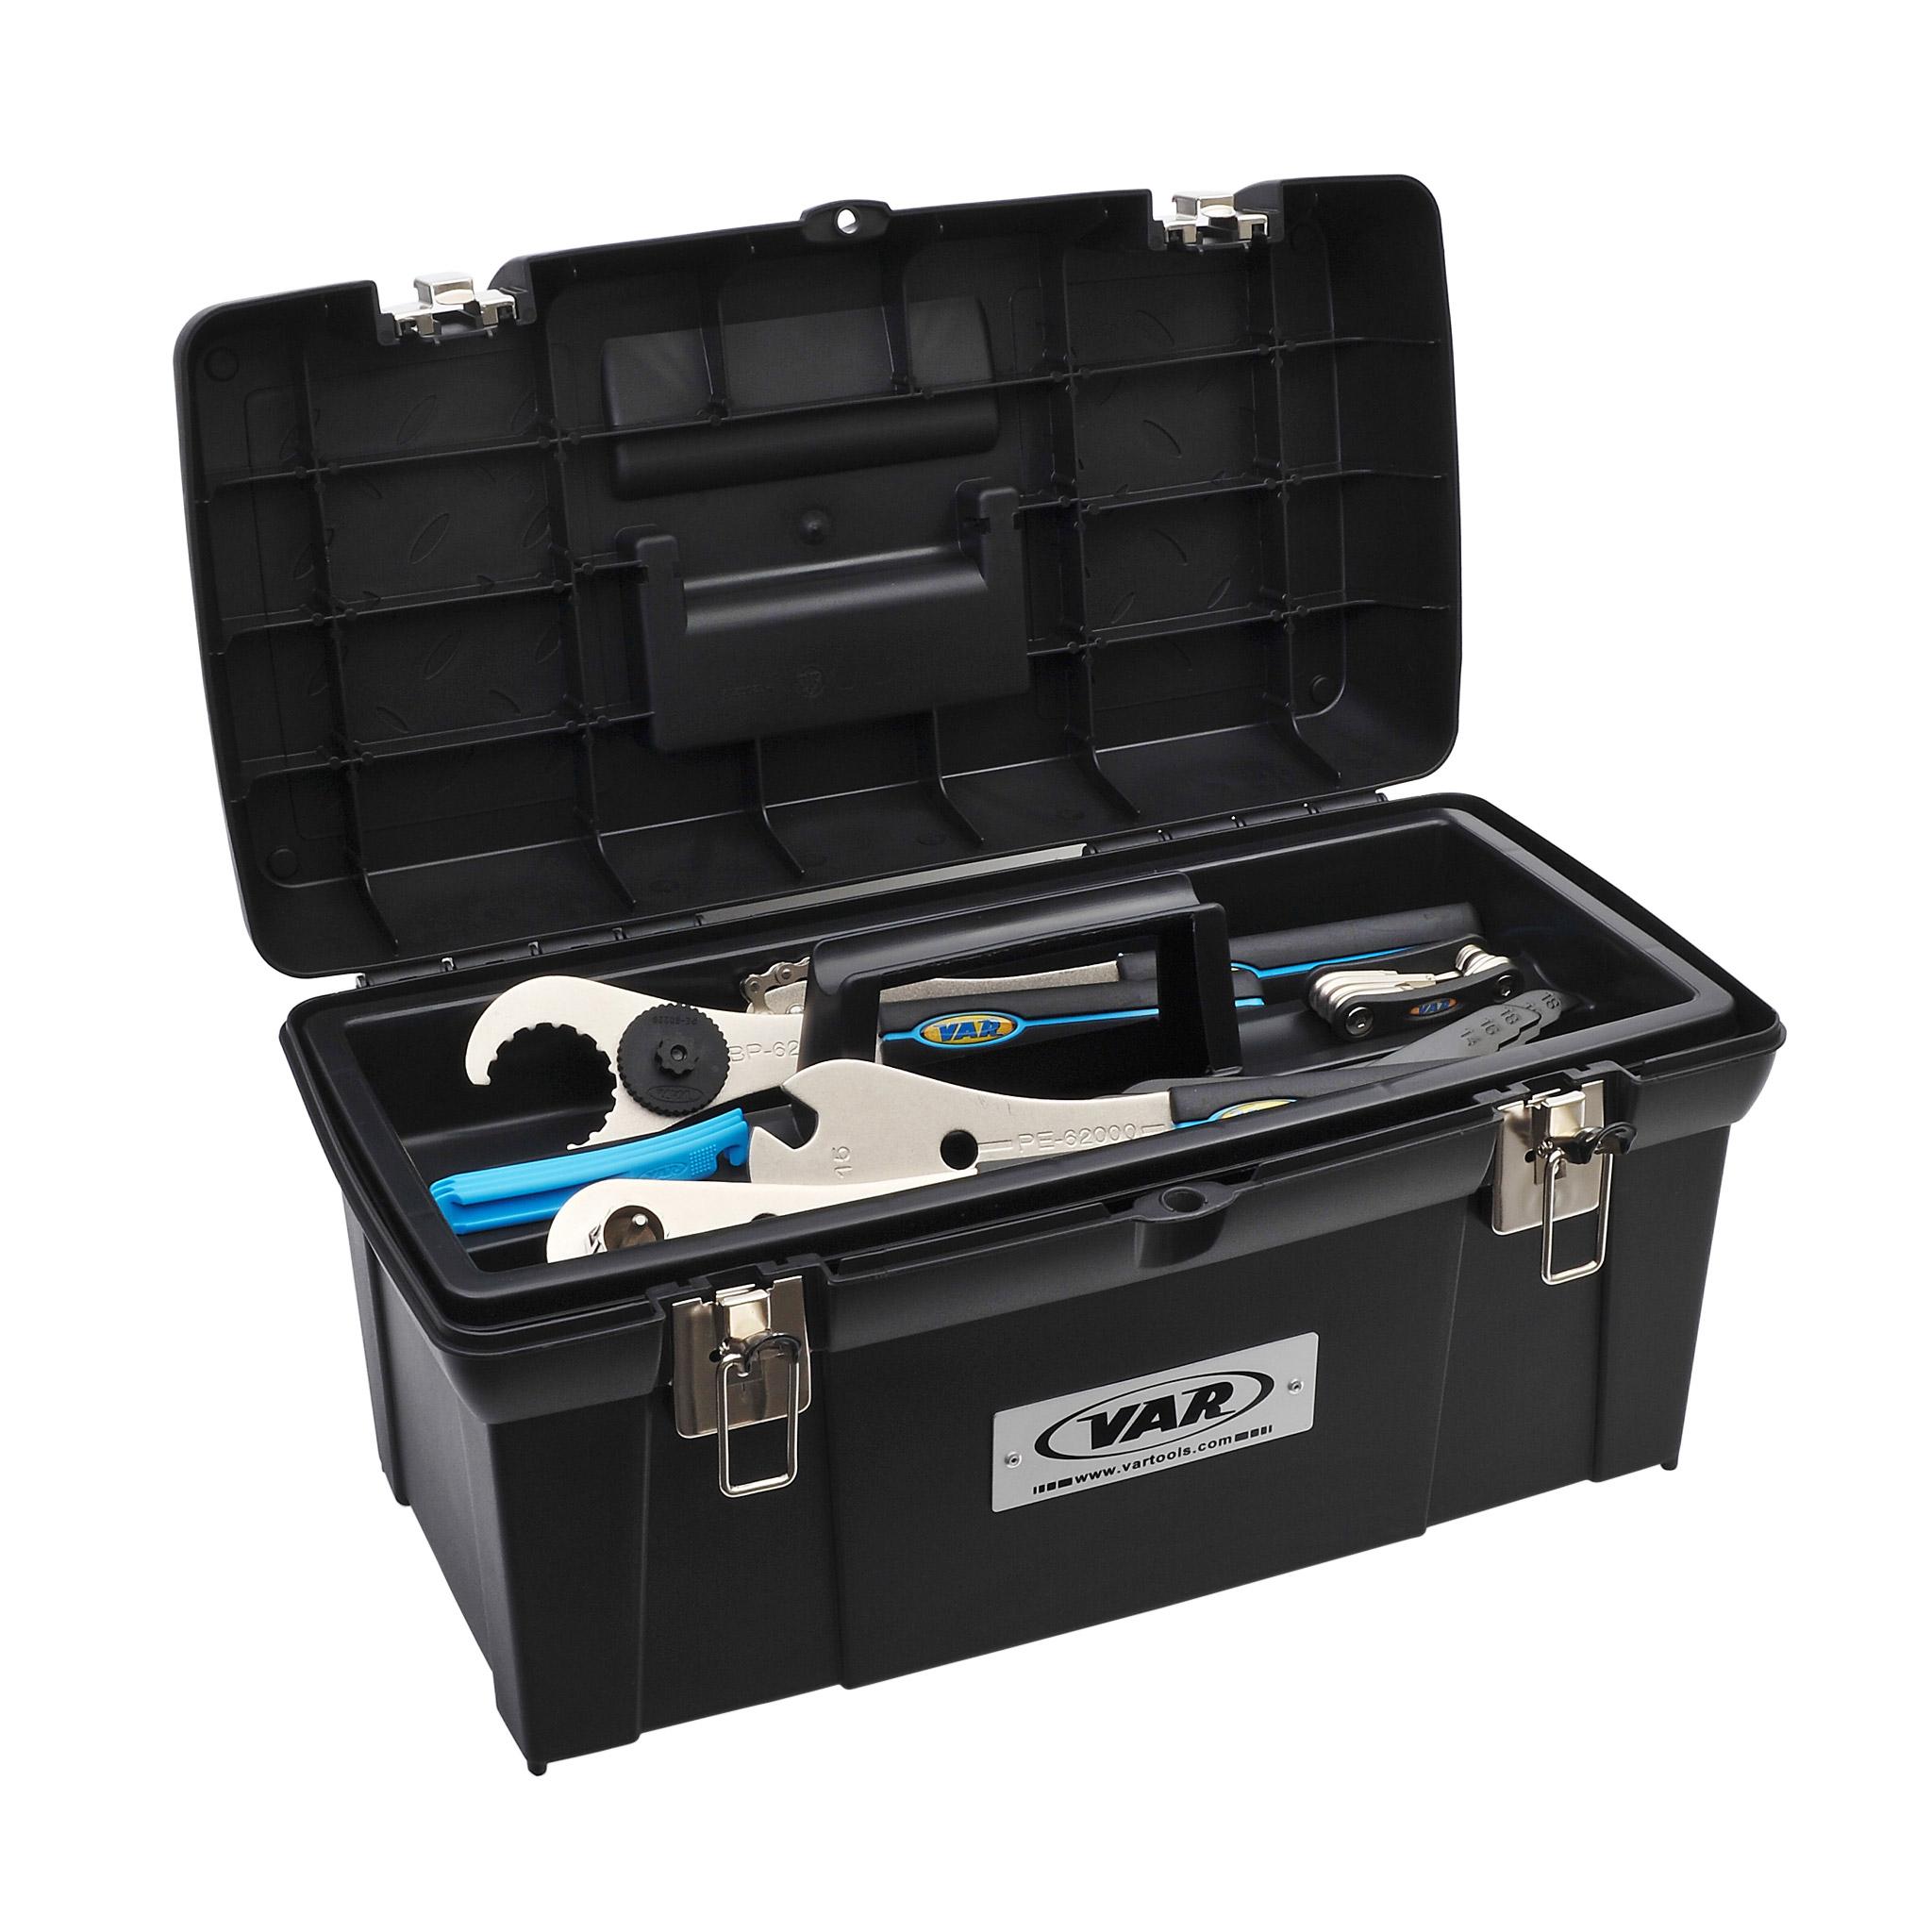 Ofertas de caja de herramientas compara precios en - Caja de herramientas precio ...